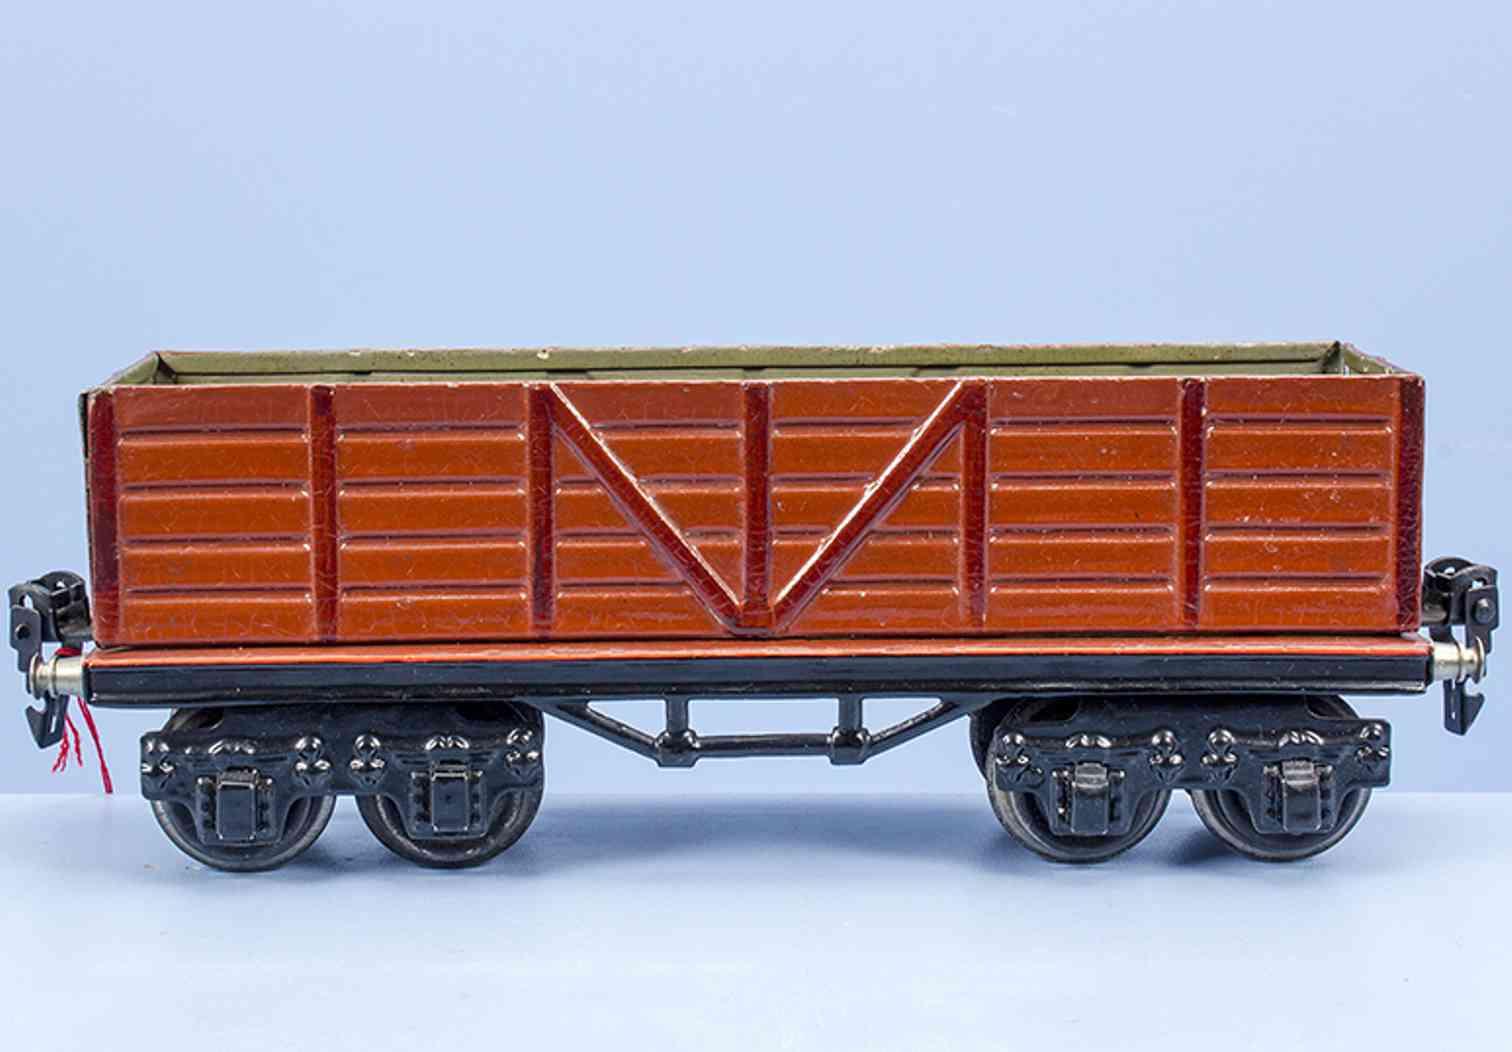 maerklin 1949/0 spielzeug eisenbahn hochbordwagen rotbraun spur 0